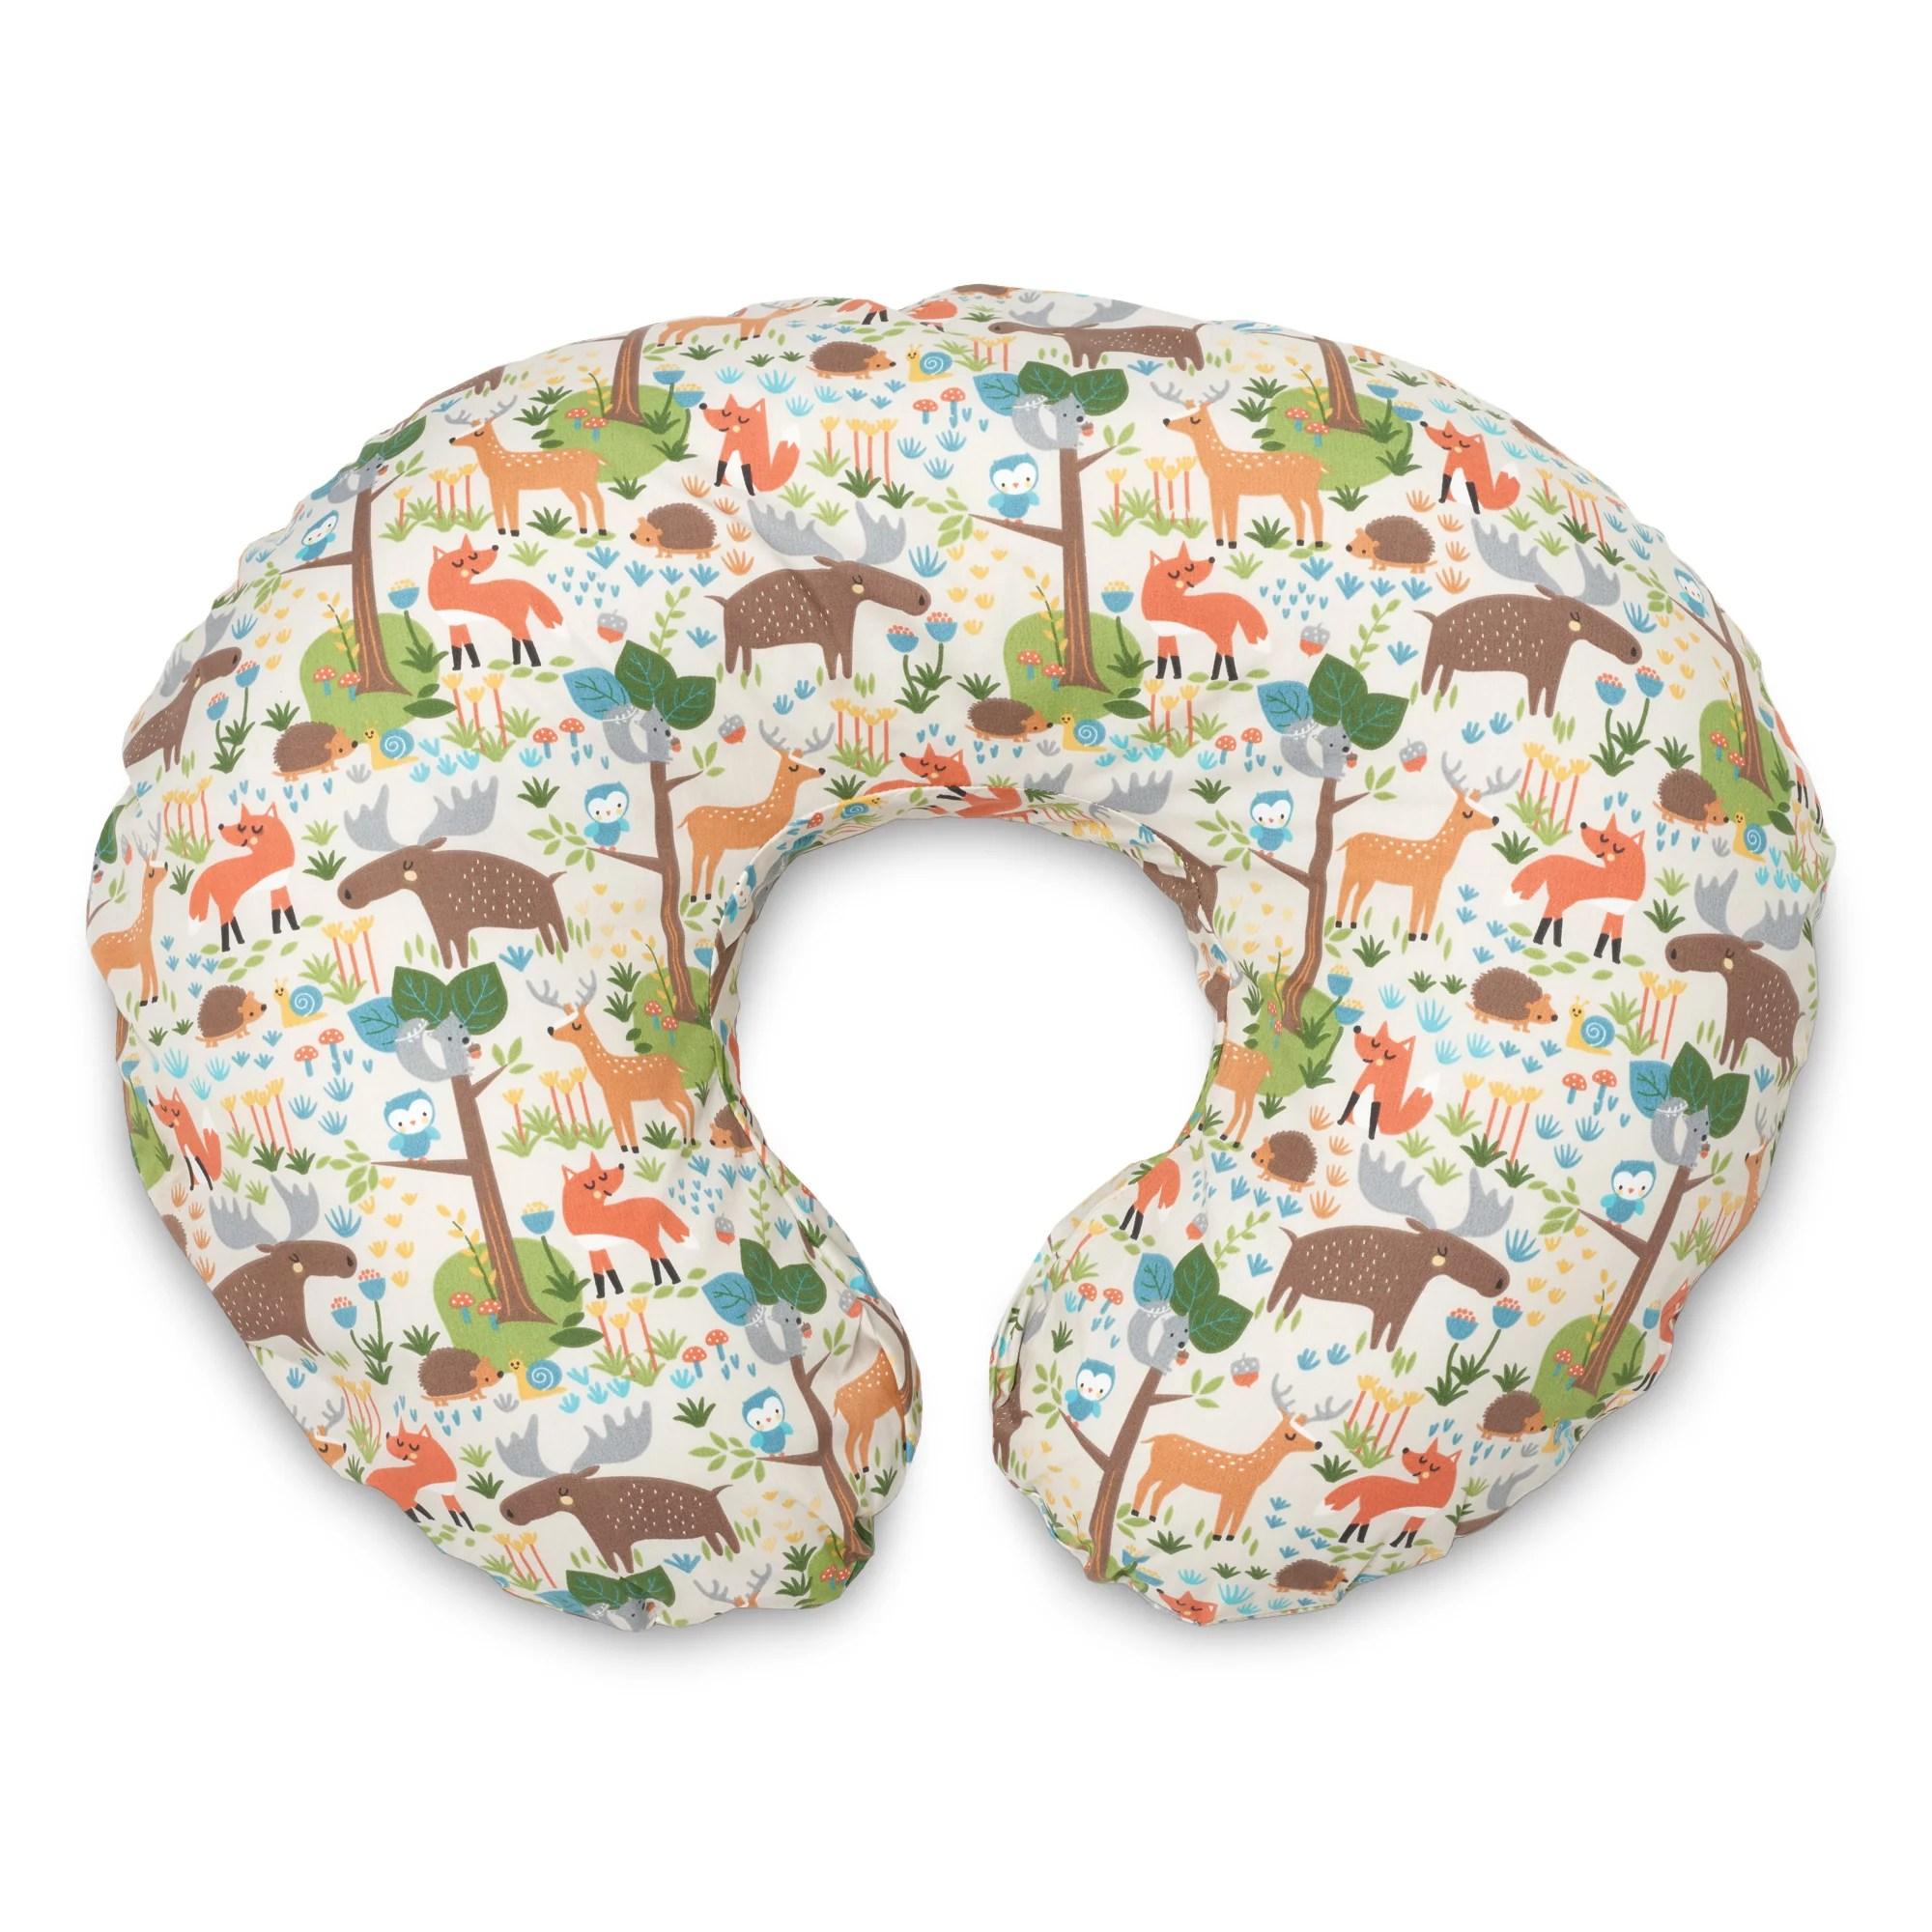 boppy original nursing pillow cover earth tone woodland